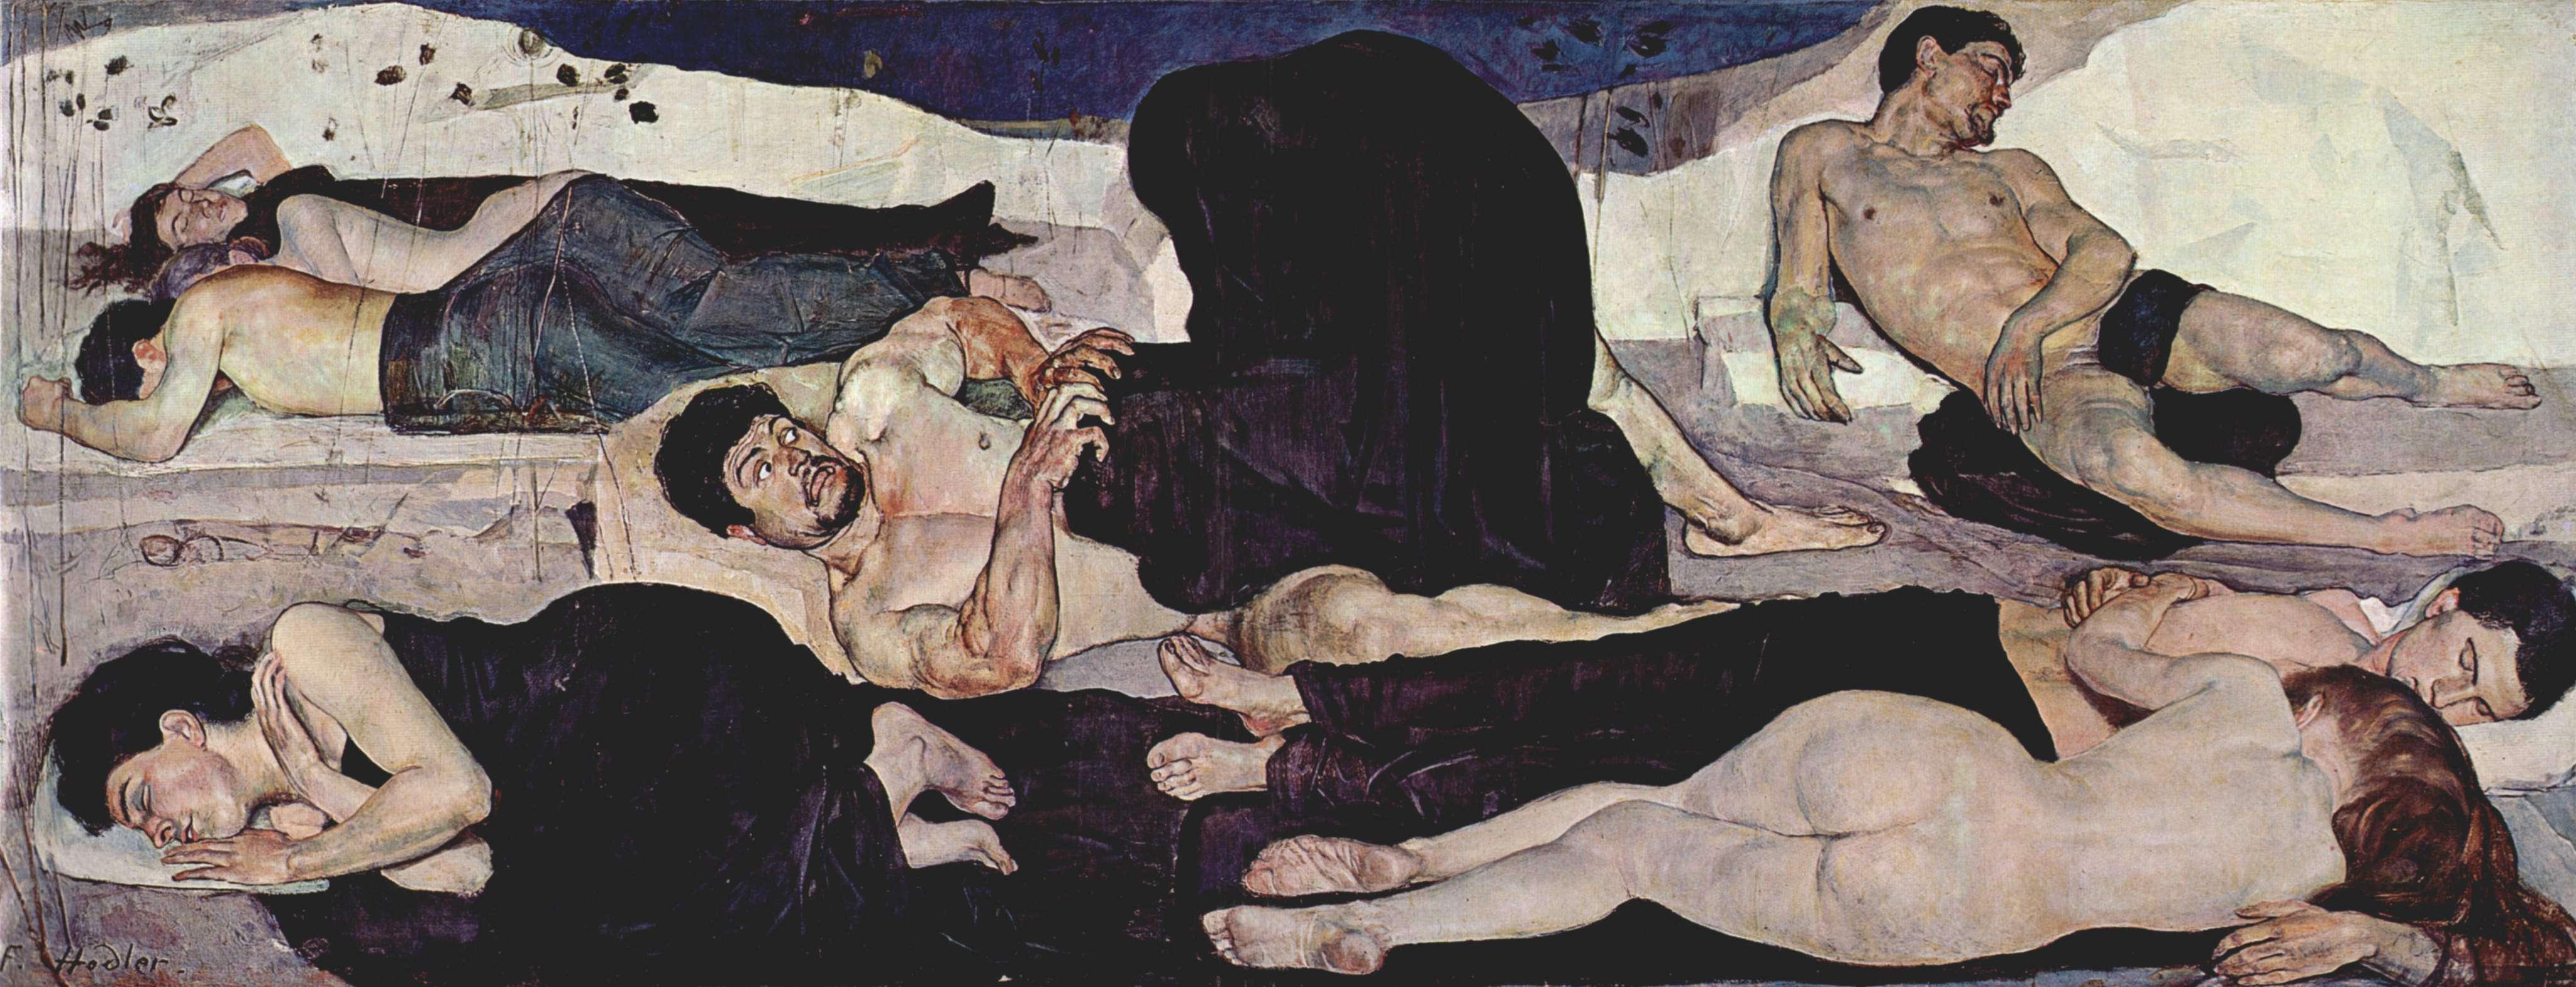 Φέρντιναντ Χόντλερ (Ferdinand Hodler, Βέρνη, 14 Μαρτίου 1853 - Γενεύη, 19 Μαΐου 1918). Η Νύχτα,1890, Βέρνη, Kunstmuseum.